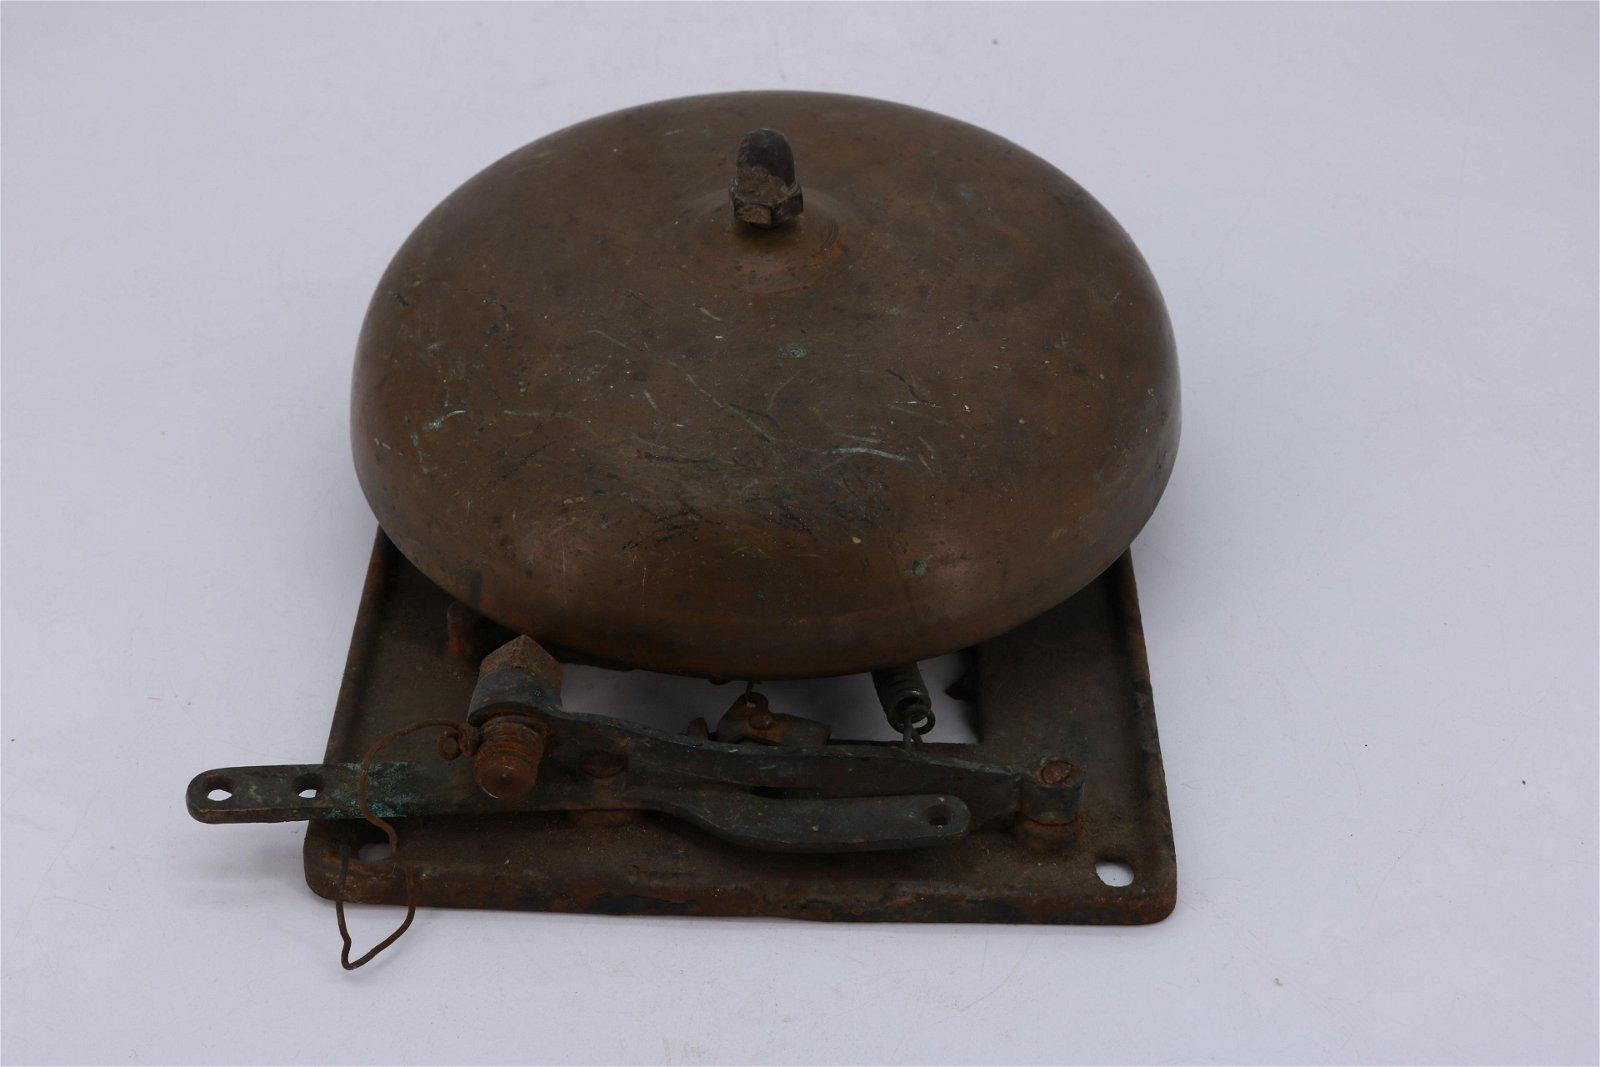 Antique Fire Bell, Brass/Bronze